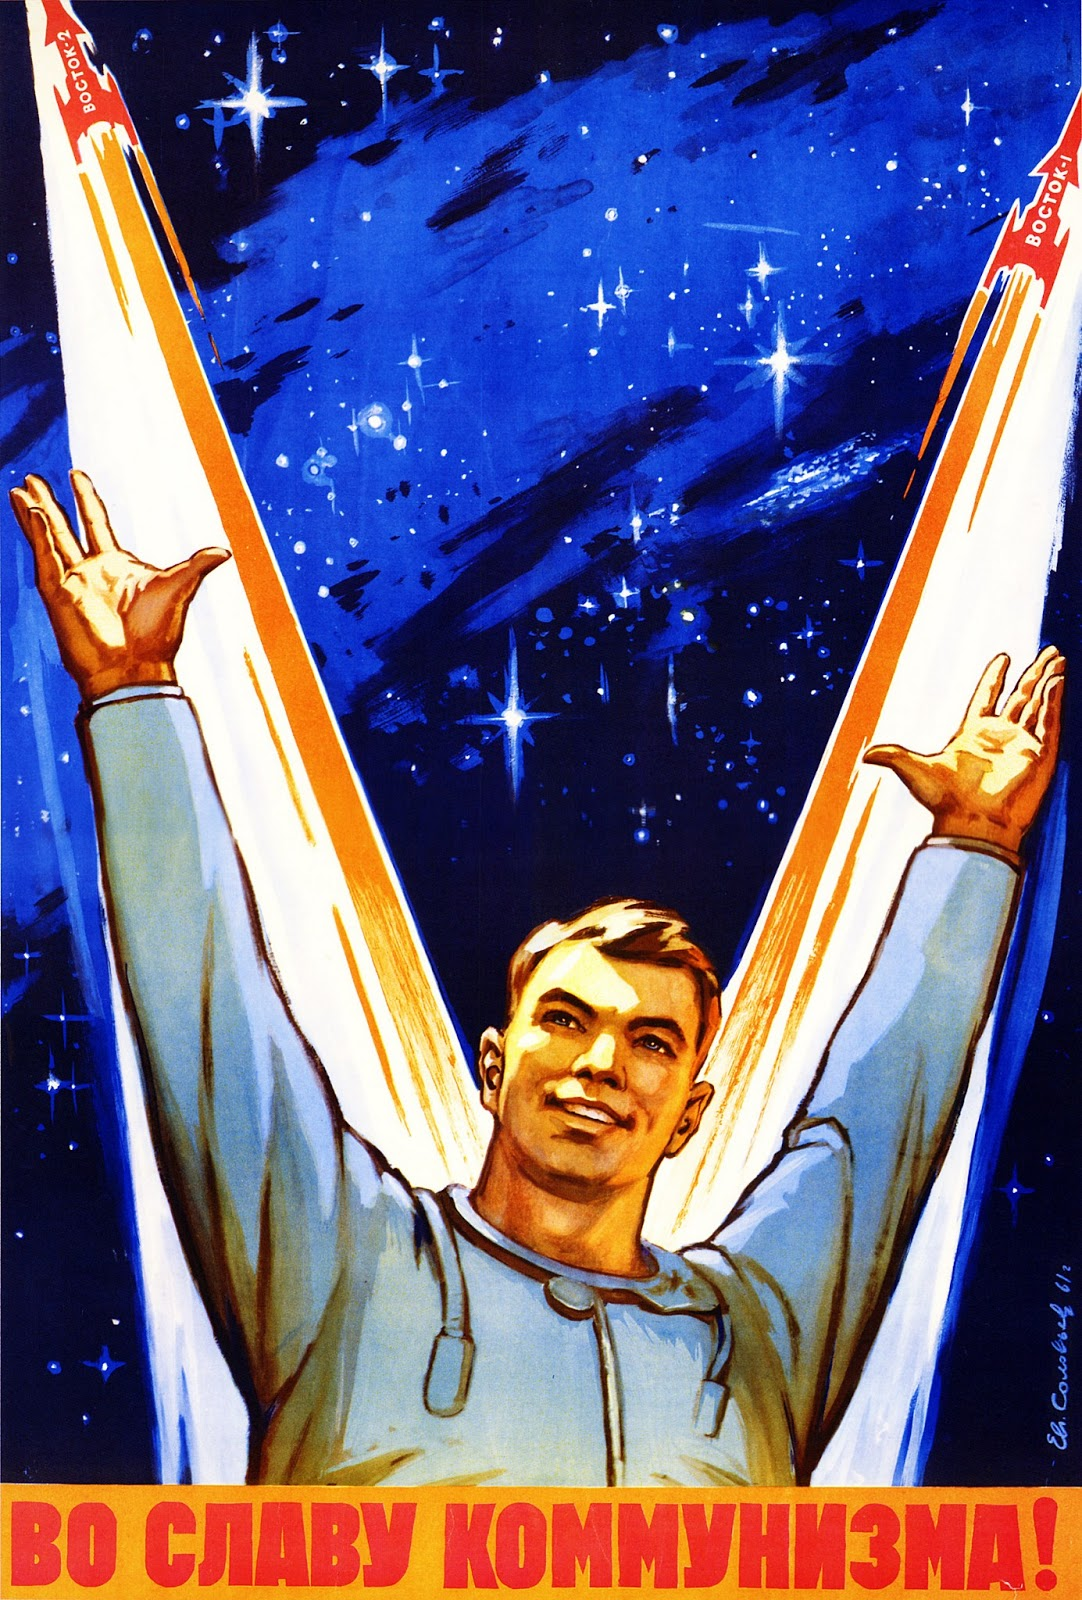 u s space program the triumph Koleksi video us space program terbaru dengan subtitle indonesia streaming online dan download video 360p 480p 720p 1080p, gambar lebih jernih dan tajam skip to.